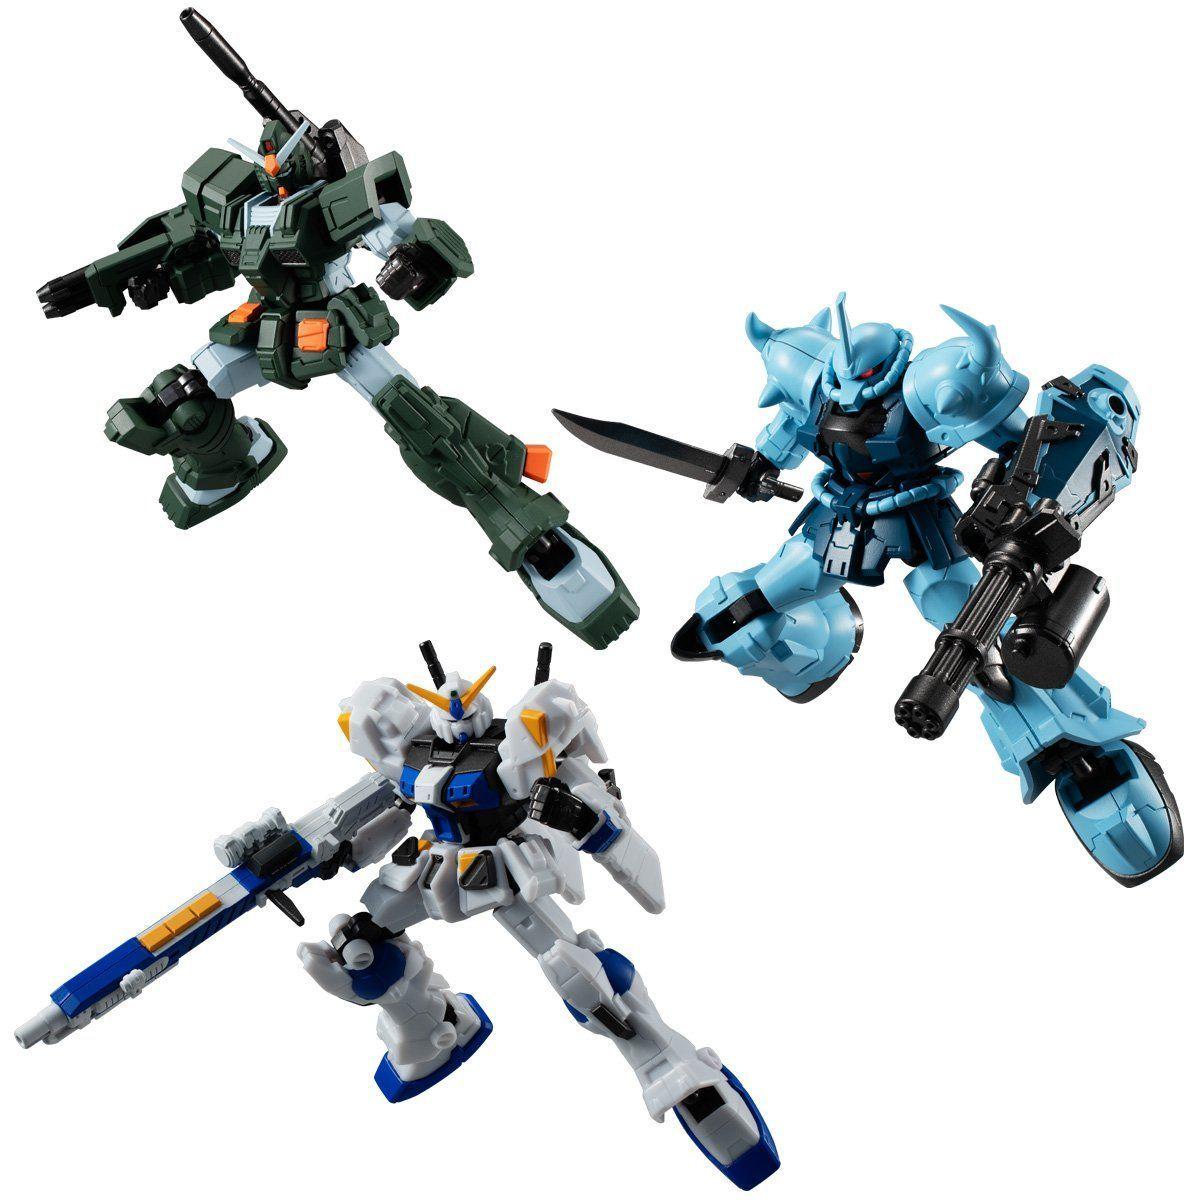 【食玩】機動戦士ガンダム『Gフレーム07』可動フィギュア 10個入りBOX-001